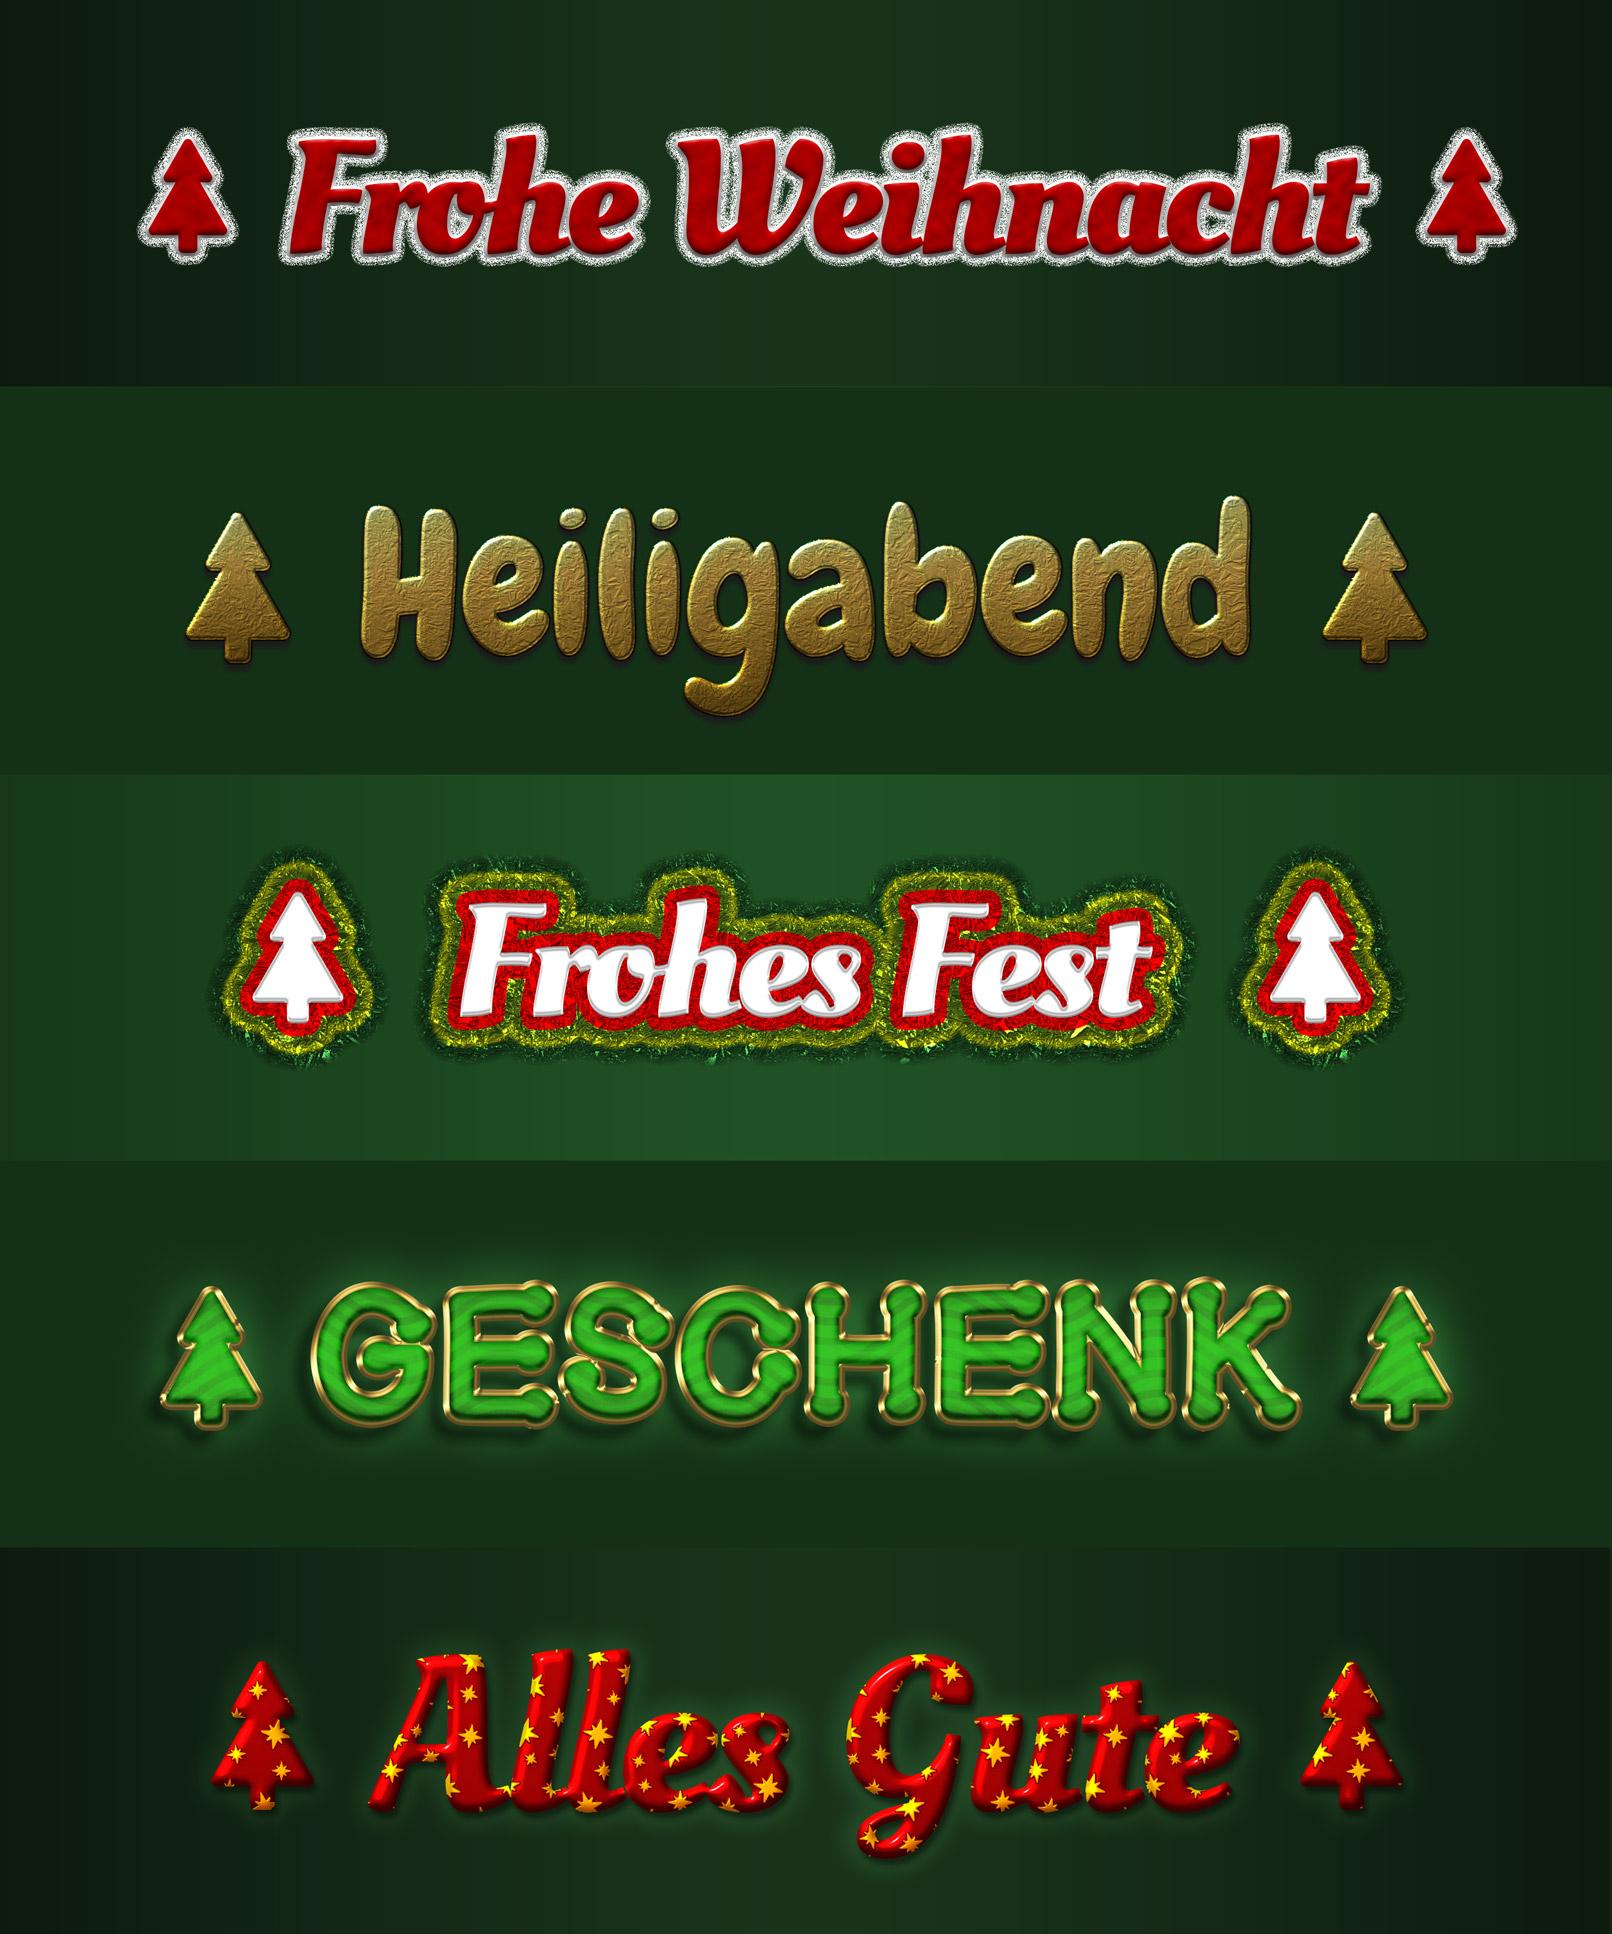 Schriftzüge und Grafiken mit festlichen Weihnachtsstyles